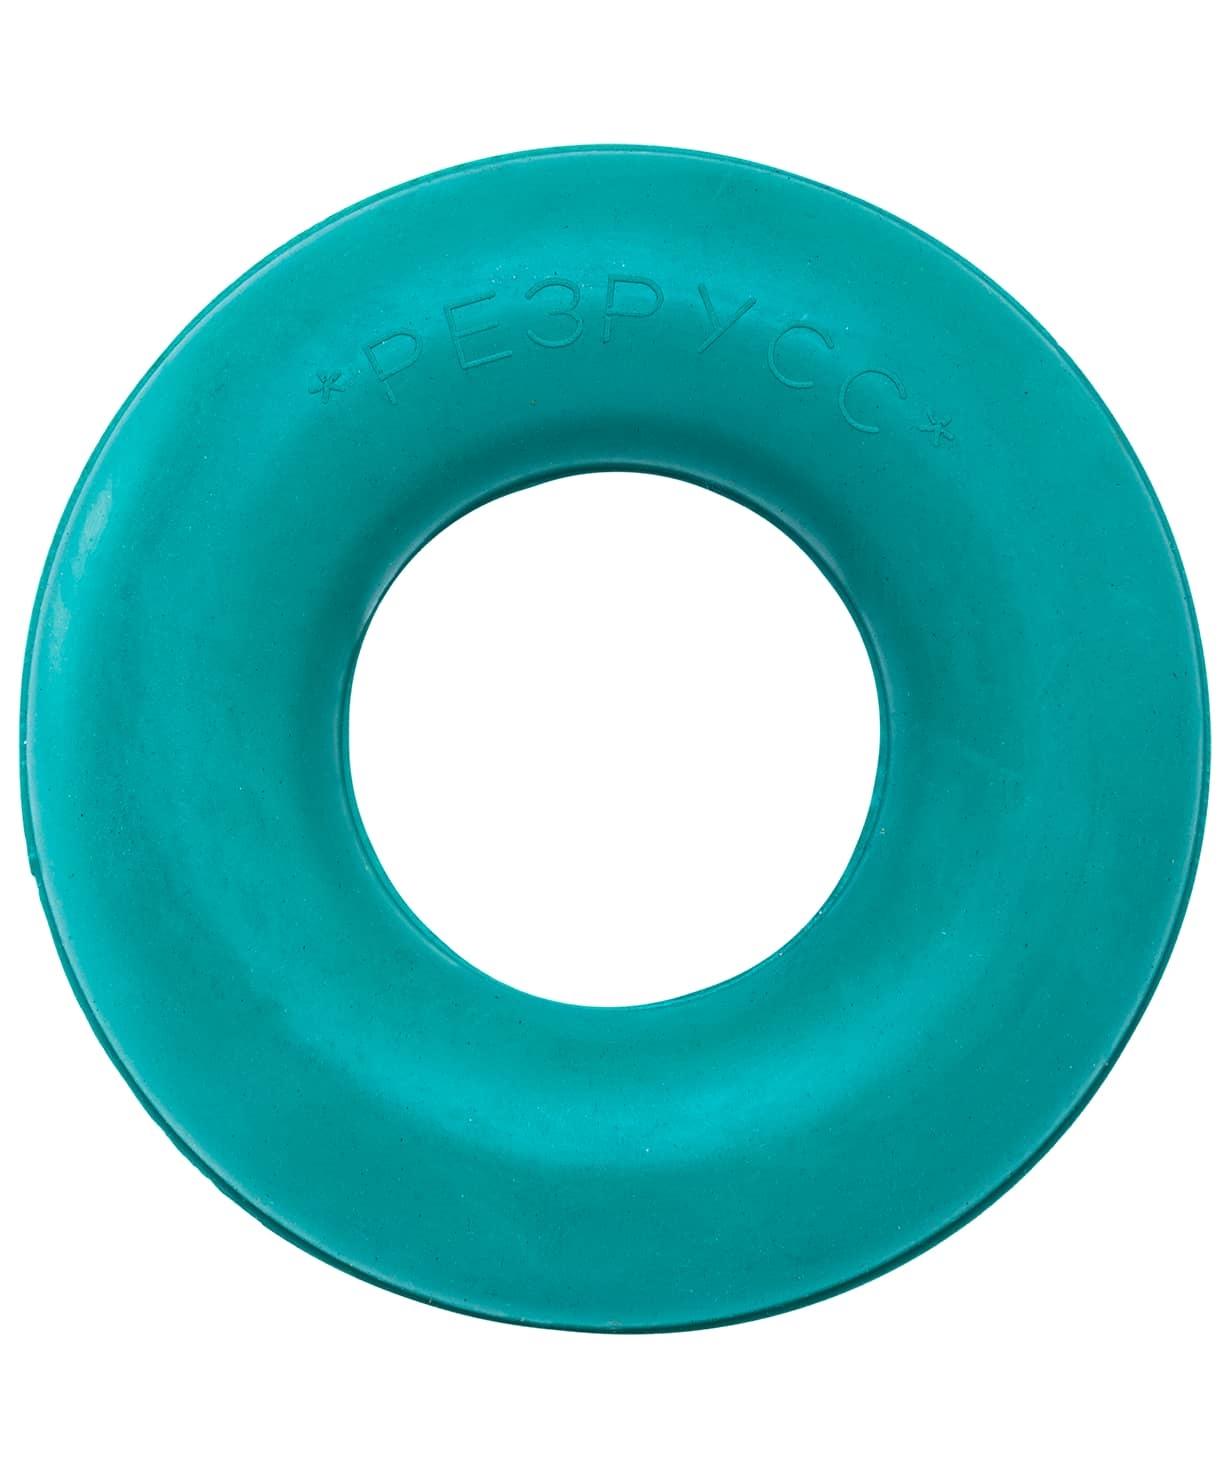 Эспандер кистевой Кольцо 30 кг, зеленый